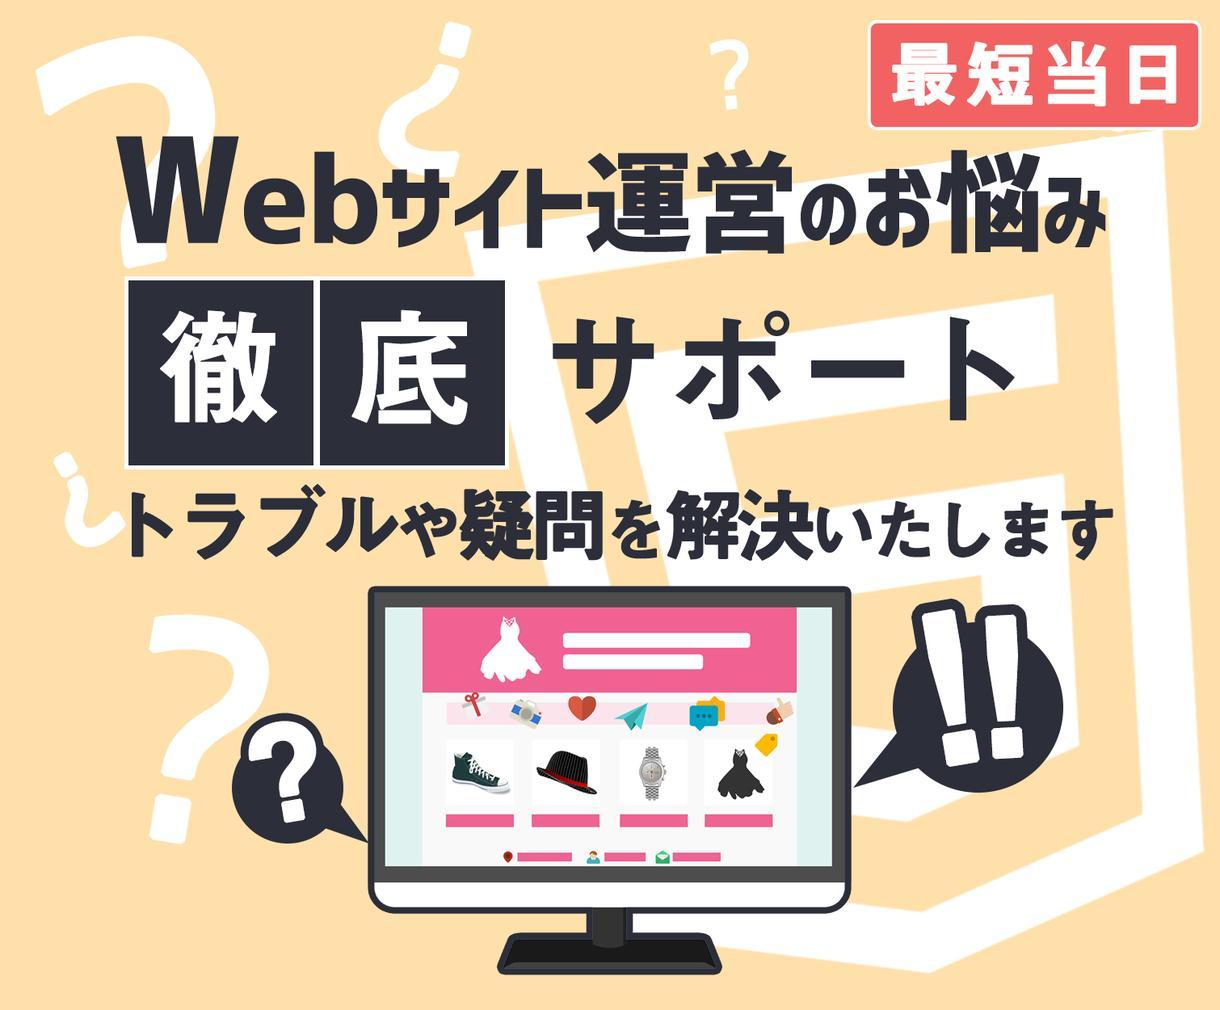 最短当日★Webサイト運営の疑問トラブル解決します ご相談無料!初心者歓迎!優しく丁寧、徹底的にサポートします! イメージ1